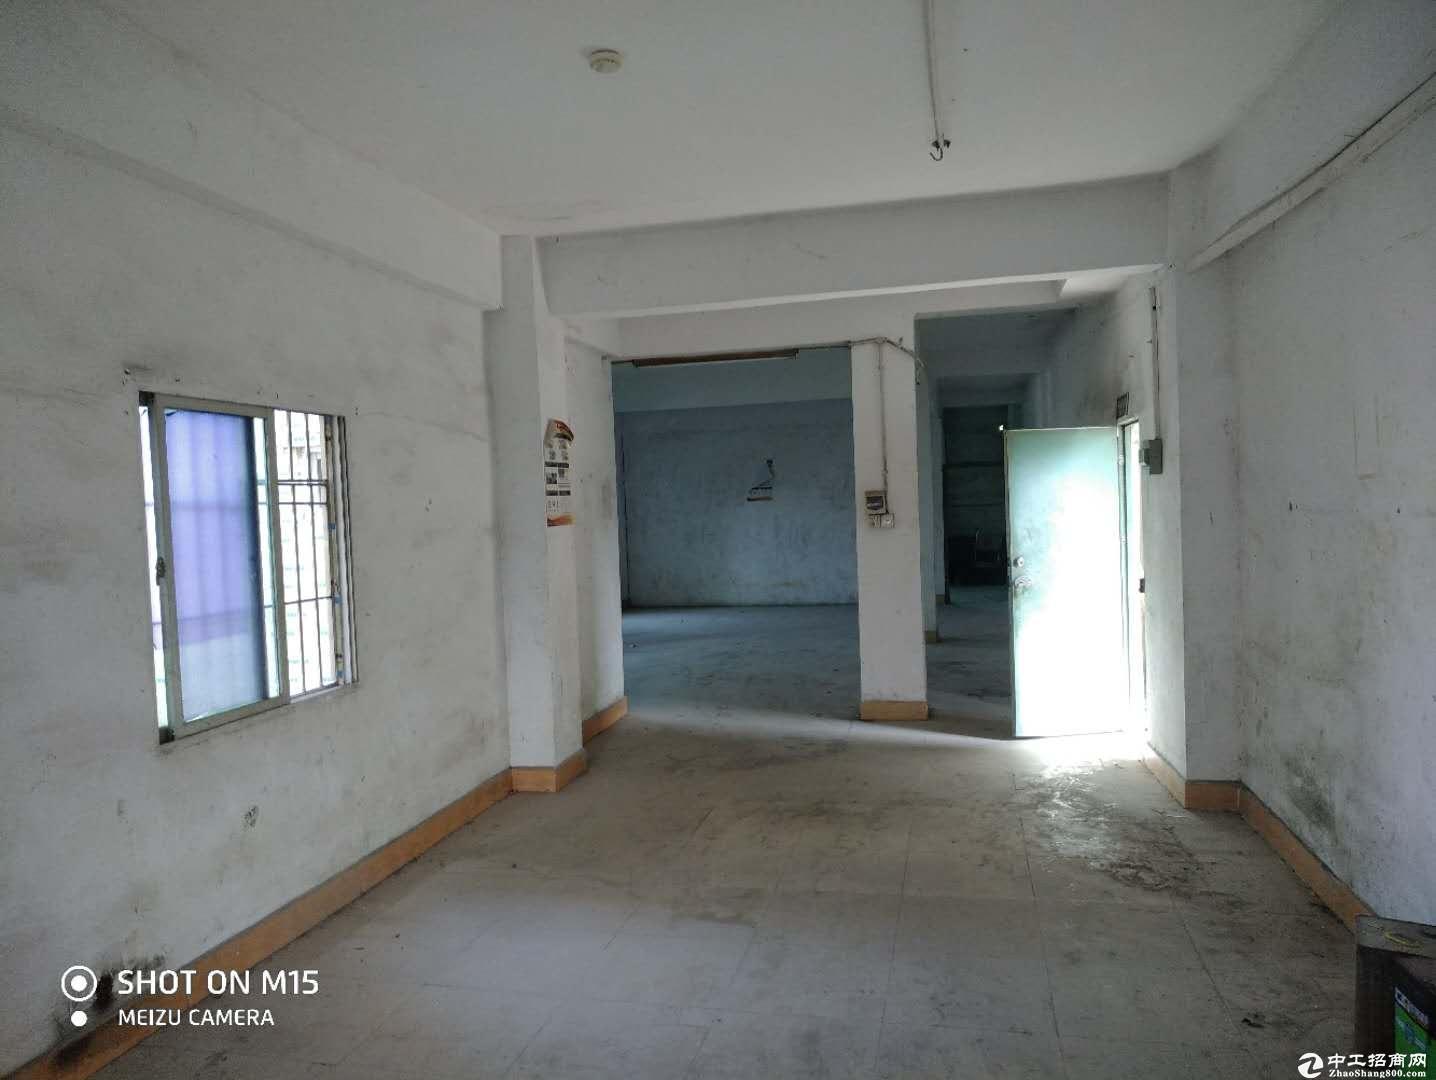 坑梓 老坑 工业区新出一楼标准厂房160平带办公室-图2